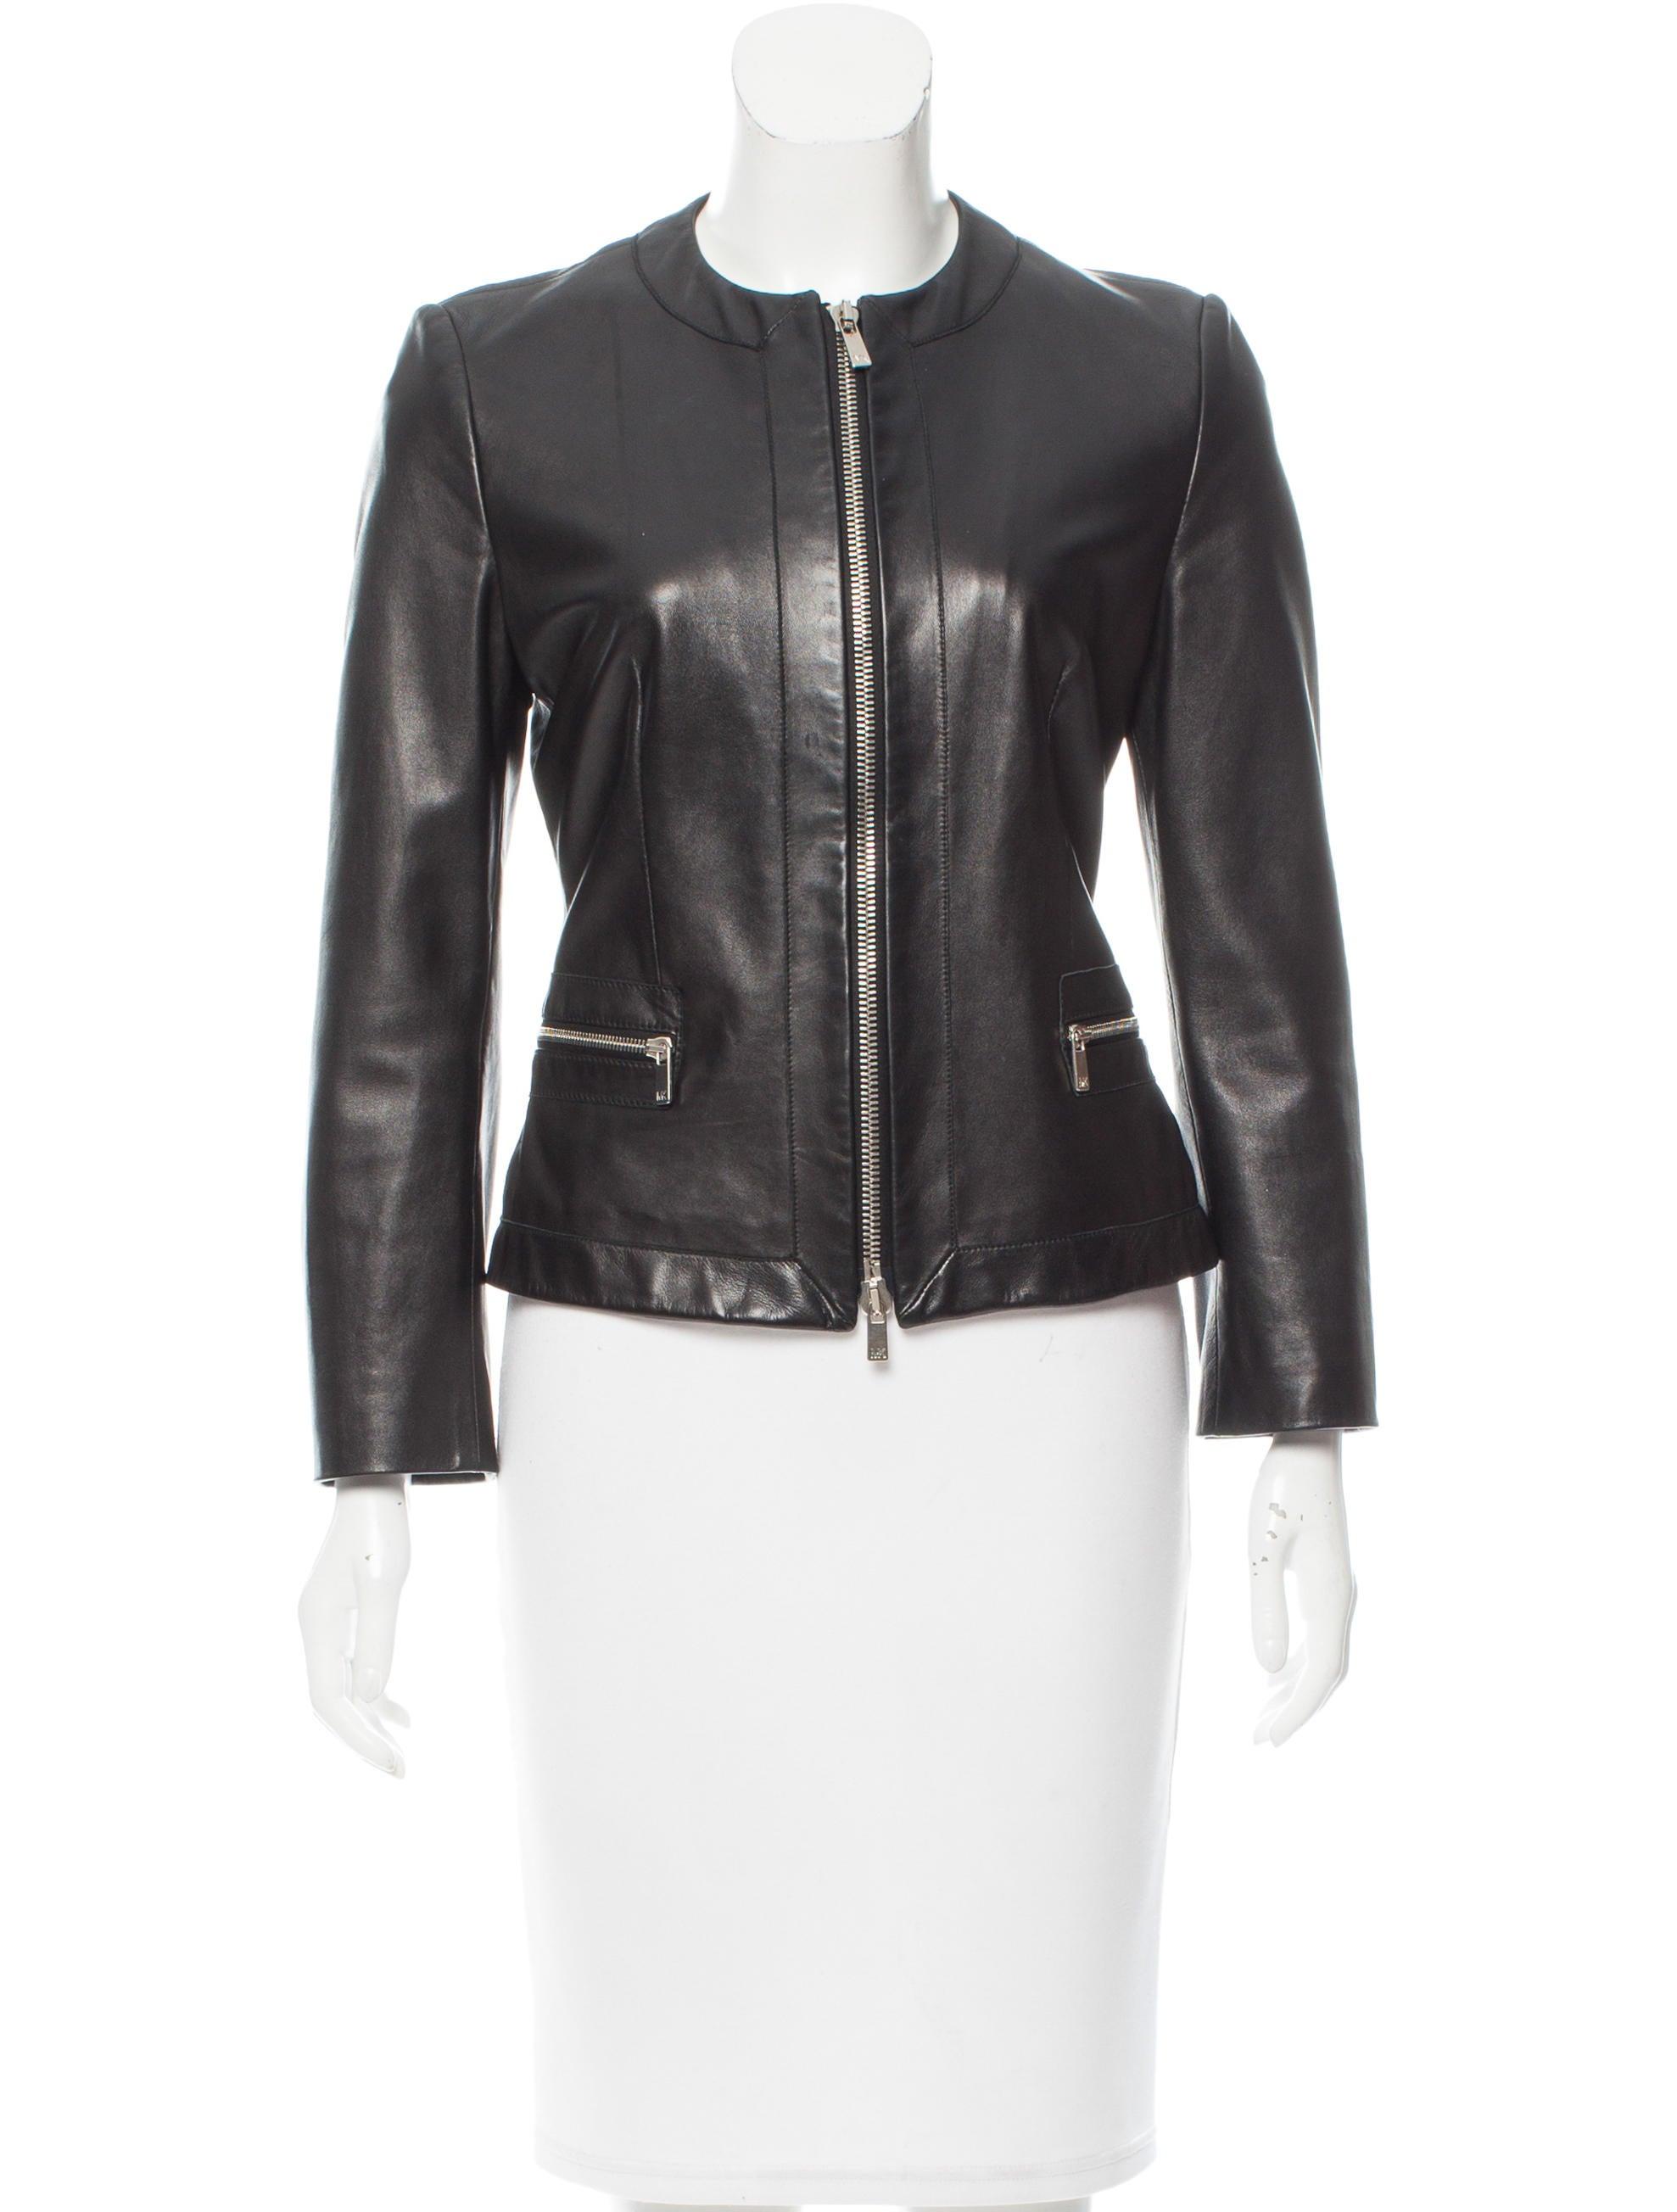 Michael kors ladies leather jacket